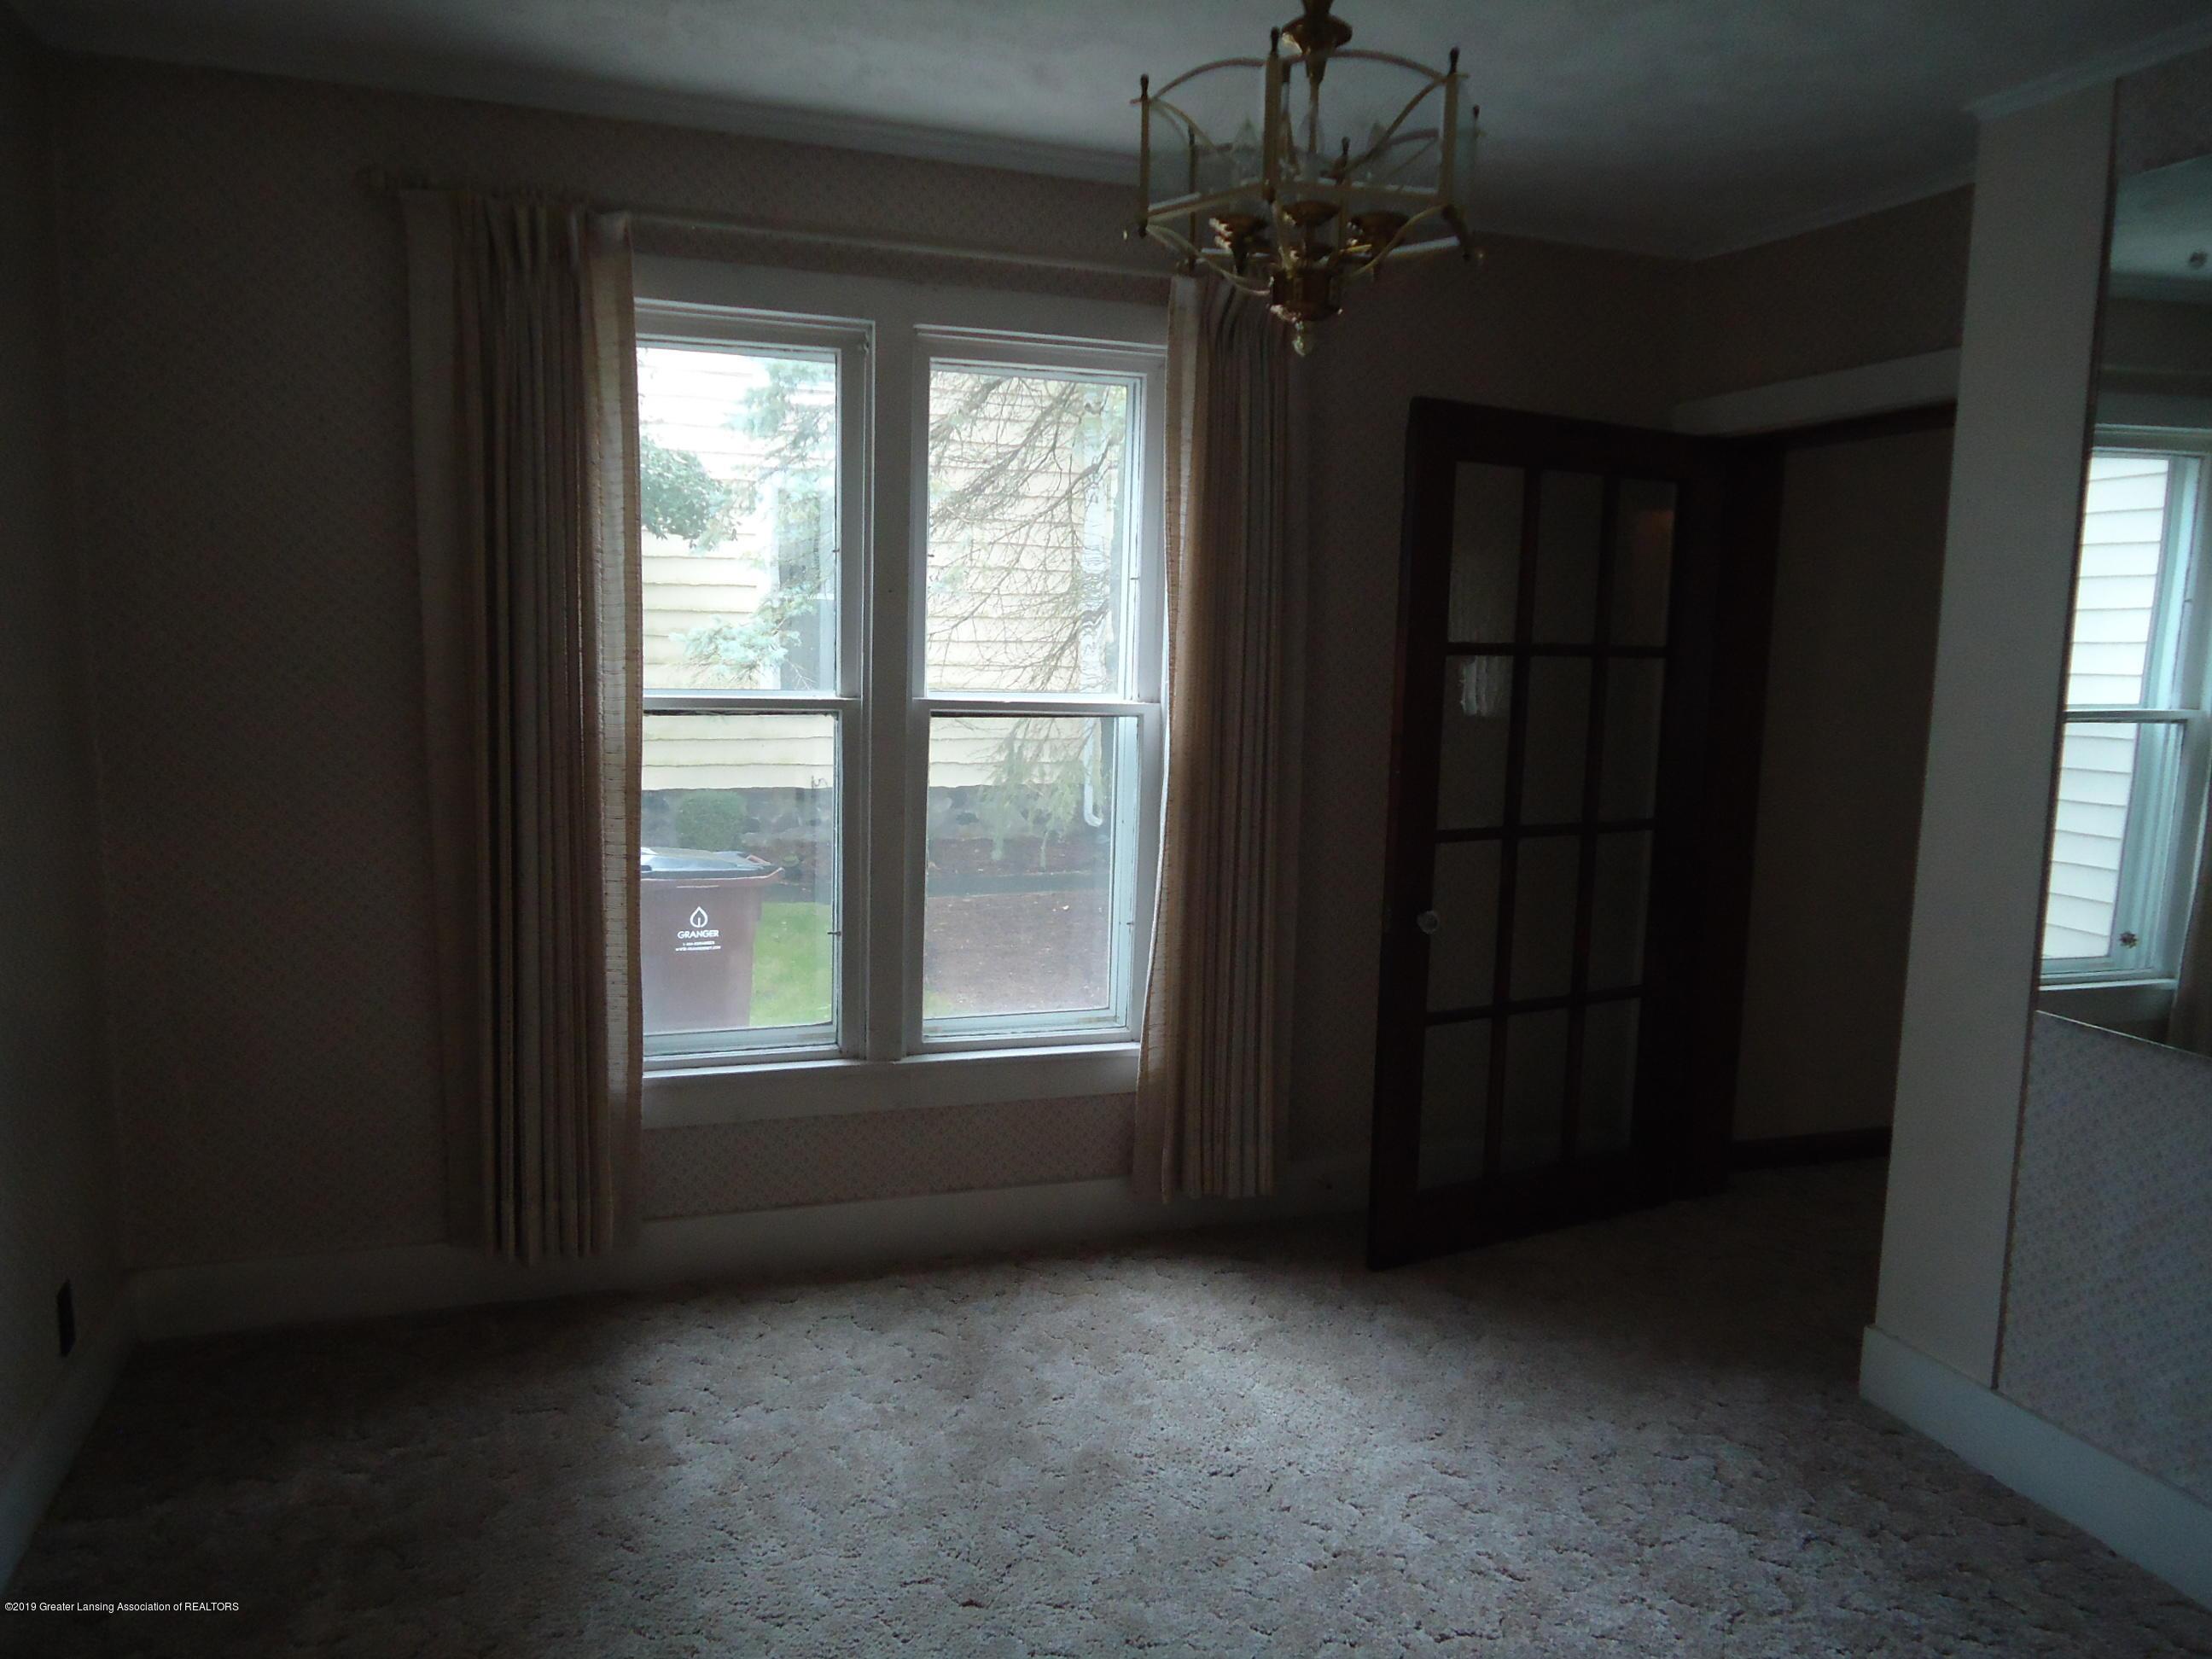 309 E Lovett St - 13-2 Dining room - 9